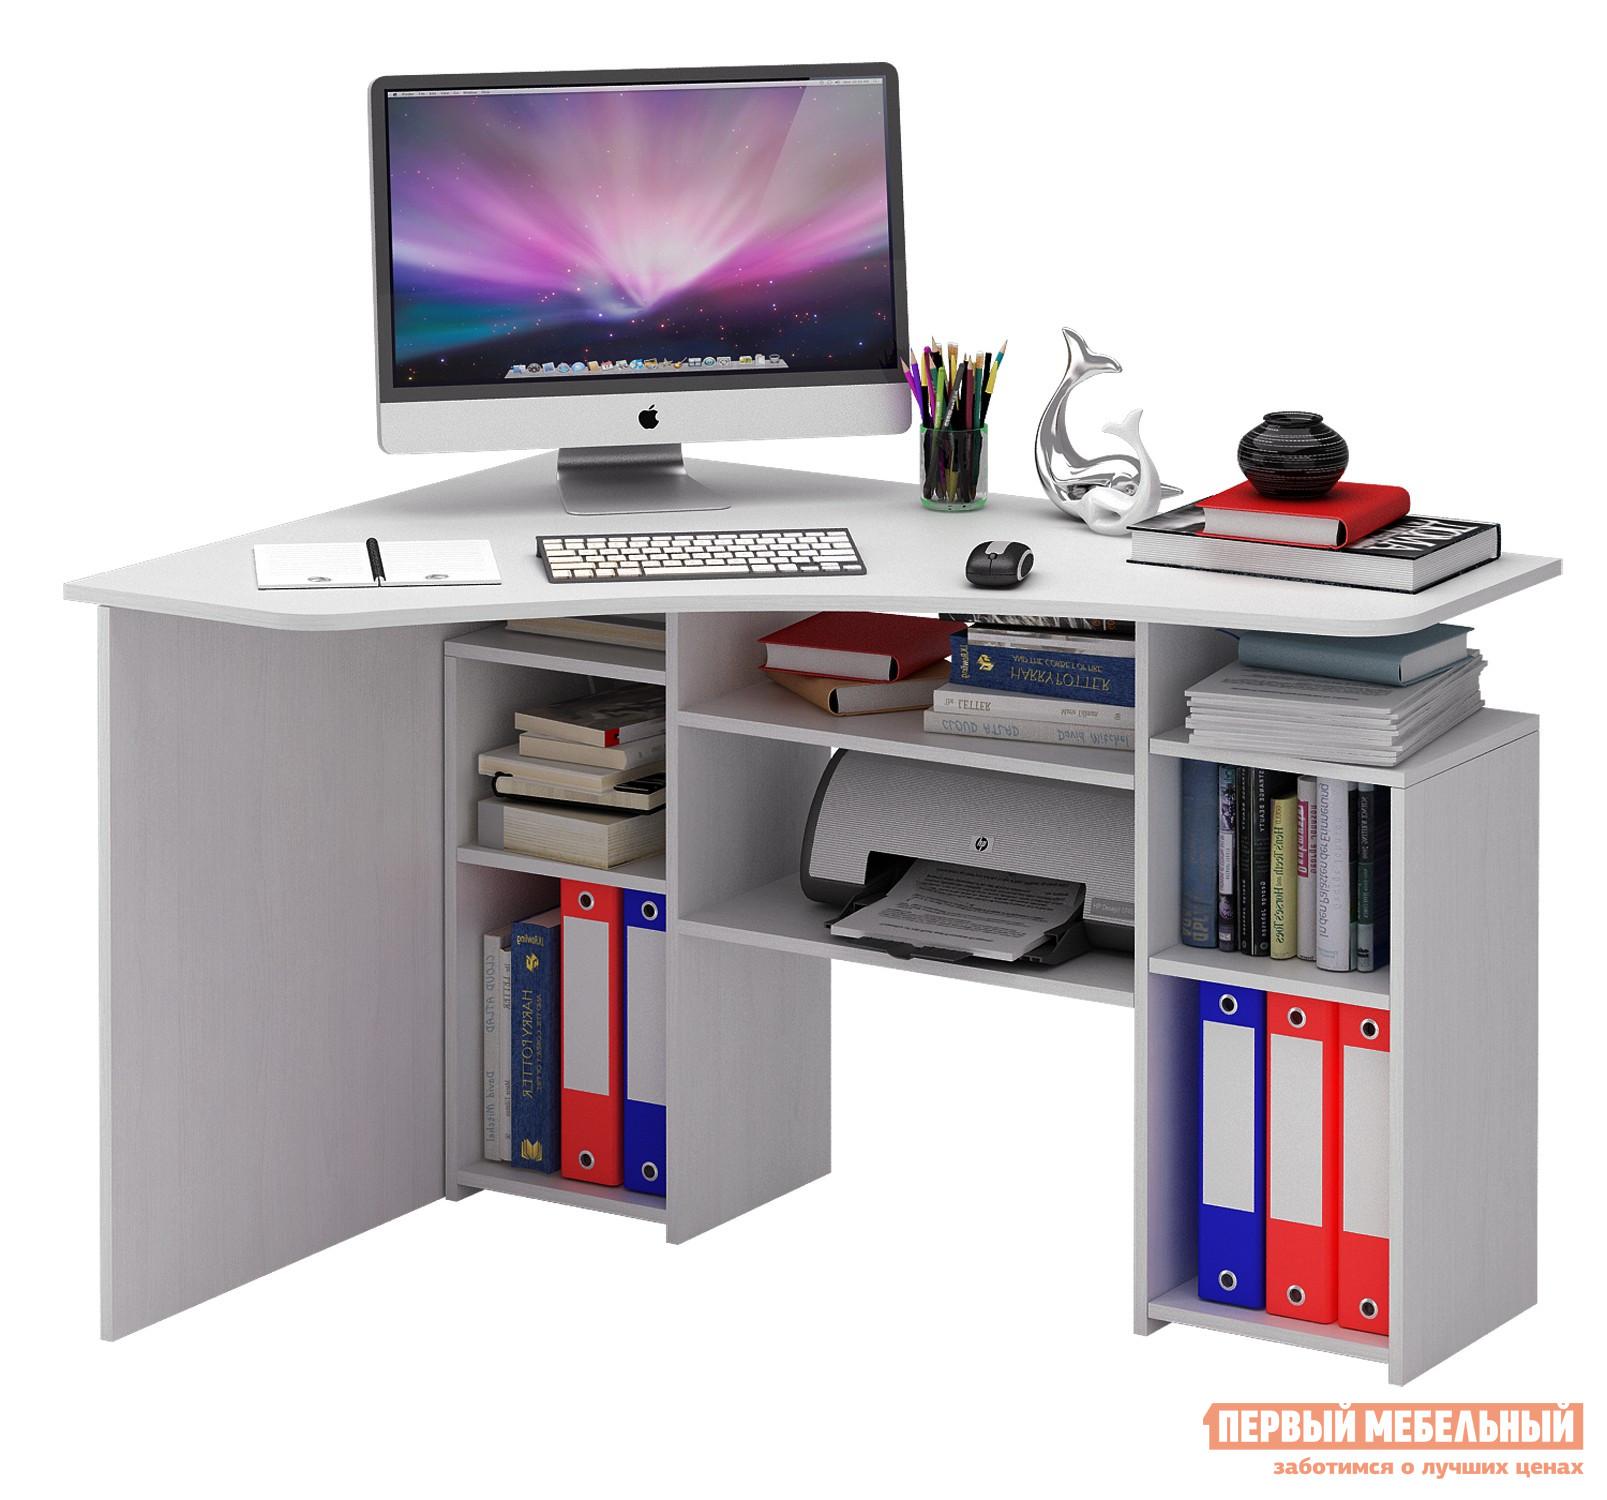 Компьютерный стол МФ Мастер Корнет-1 угловой компьютерный стол мф мастер корнет 1 угловой орех